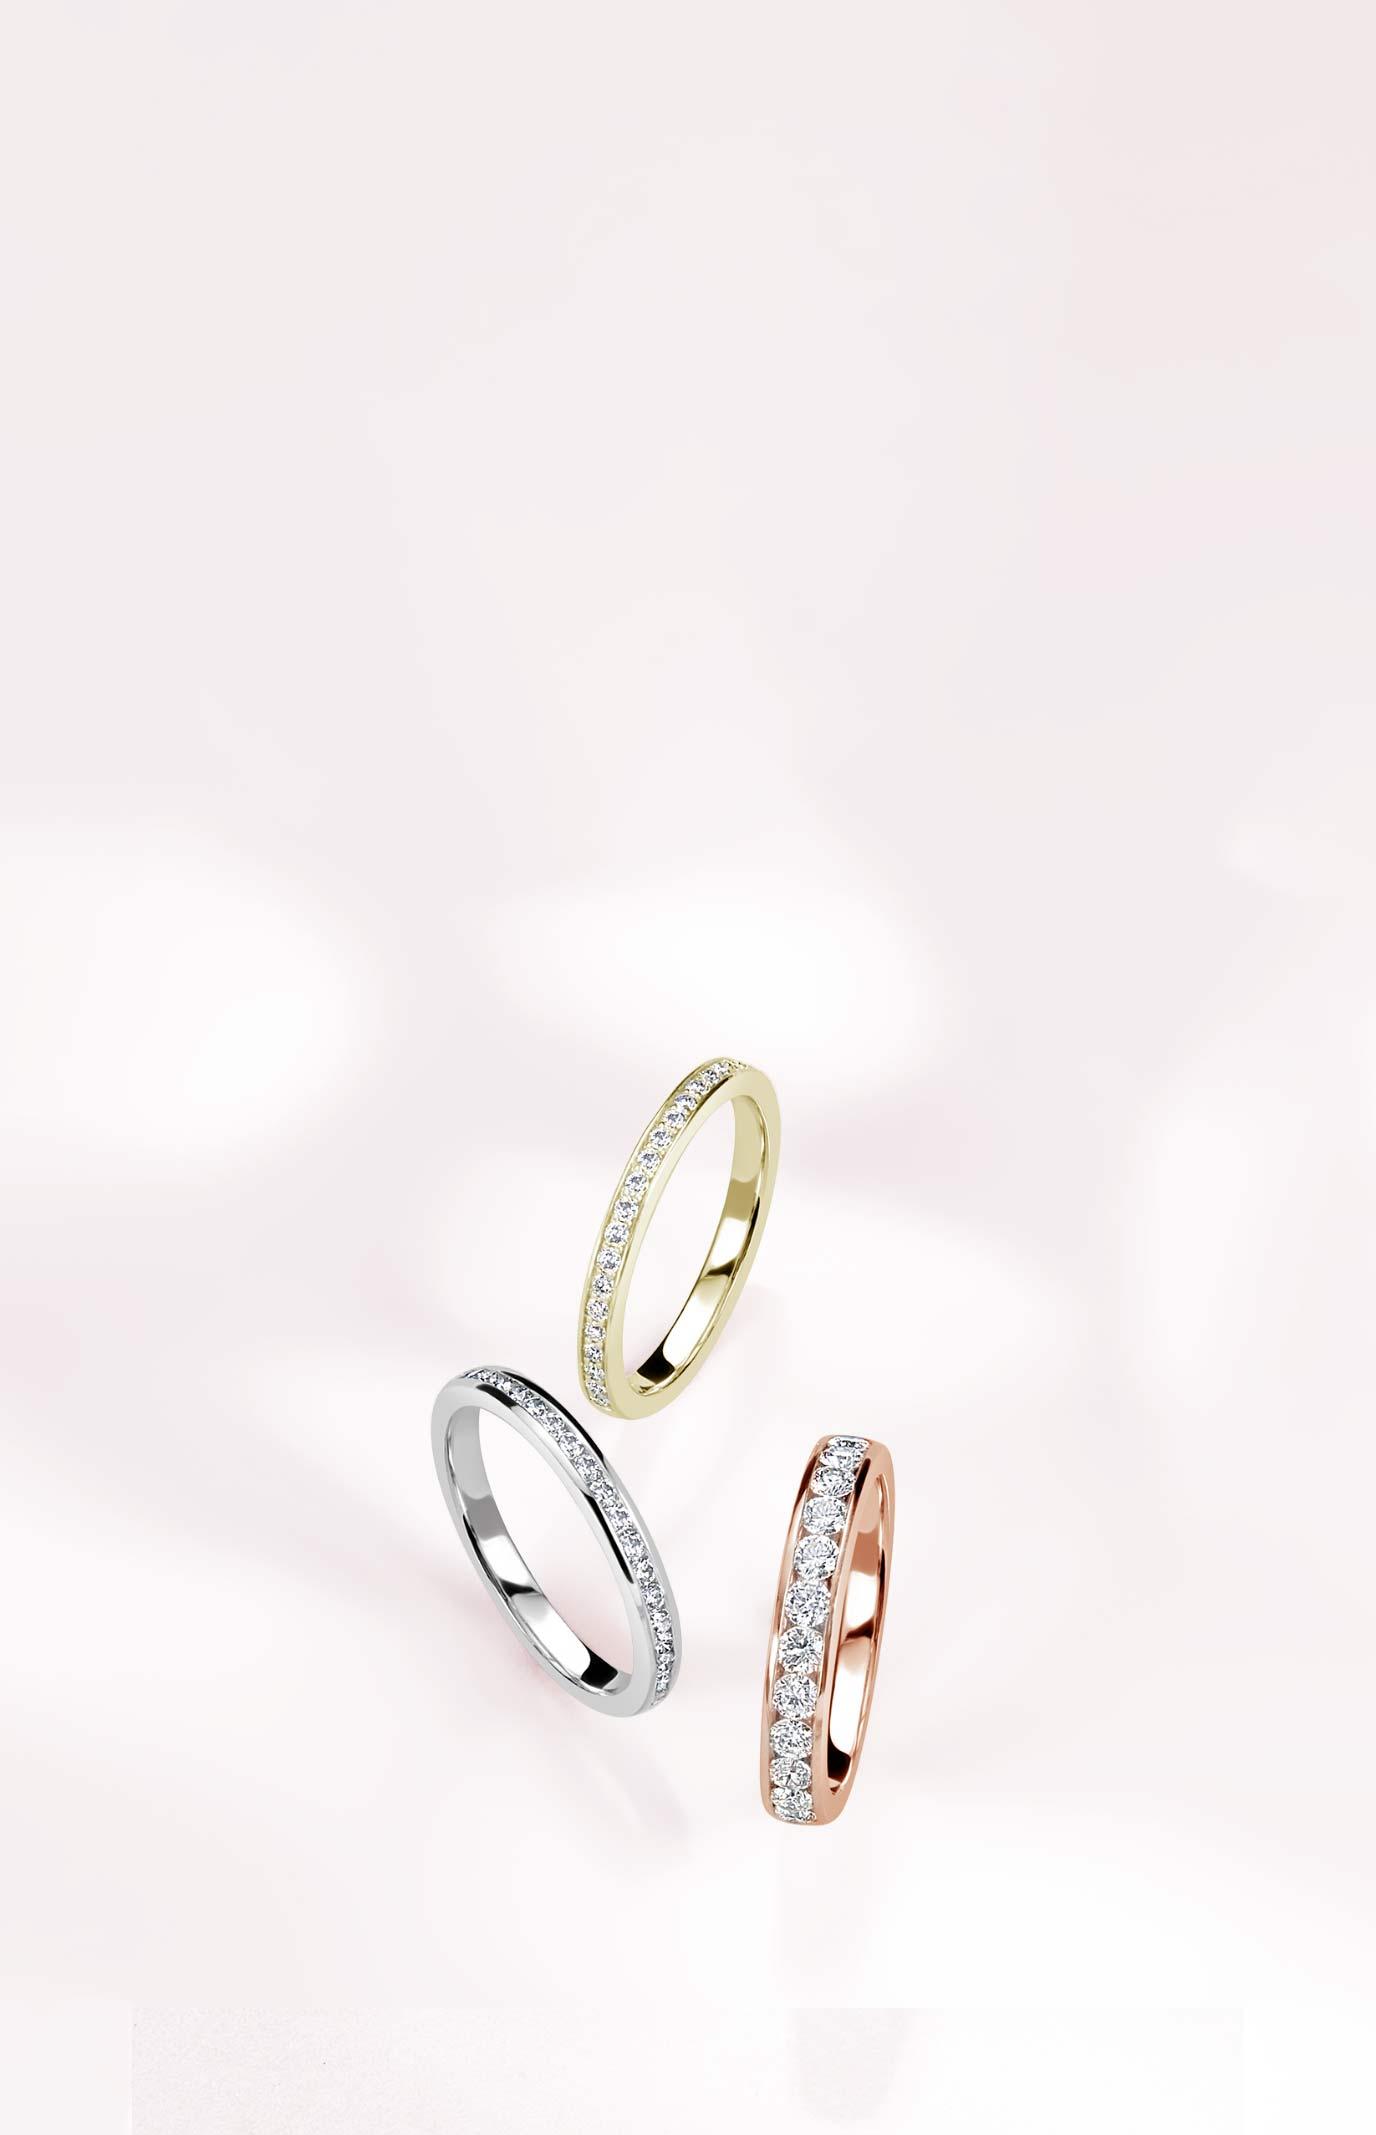 Full Eternity Diamond Rings - Steven Stone